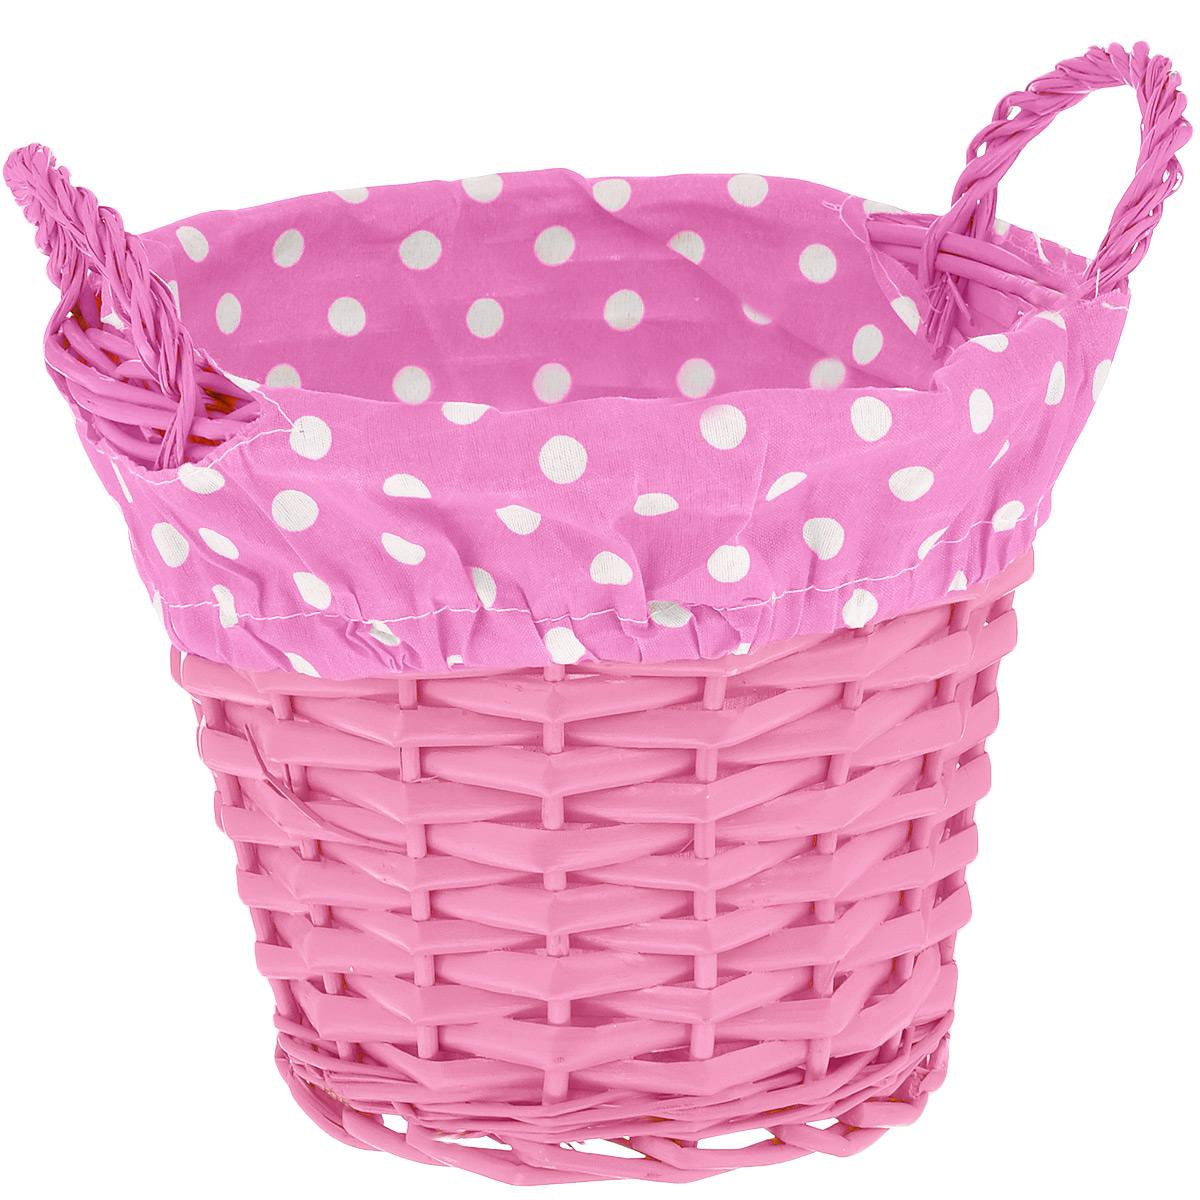 Корзинка Home Queen Домашняя, цвет: розовый, 20 см х 15 см66837_6Круглая корзинка Home Queen Домашняя предназначена для хранения различных мелочей и сервировки стола. Изделие выполнено из плетеных прутьев ивы, внутренняя поверхность обтянута подкладкой из полиэстера с принтом в мелкий горошек. Корзинка оснащена двумя плетеными ручками. Имеет жесткую форму, прекрасно подходит для хранения и переноски пищевых продуктов. Такая оригинальная корзинка станет ярким украшением стола. Идеальный вариант для хранения пасхальных яиц, куличей или хлеба. Текстильная подкладка легко снимается. Диаметр корзинки: 20 см. Высота корзинки: 15 см. Высота ручек: 5 см.